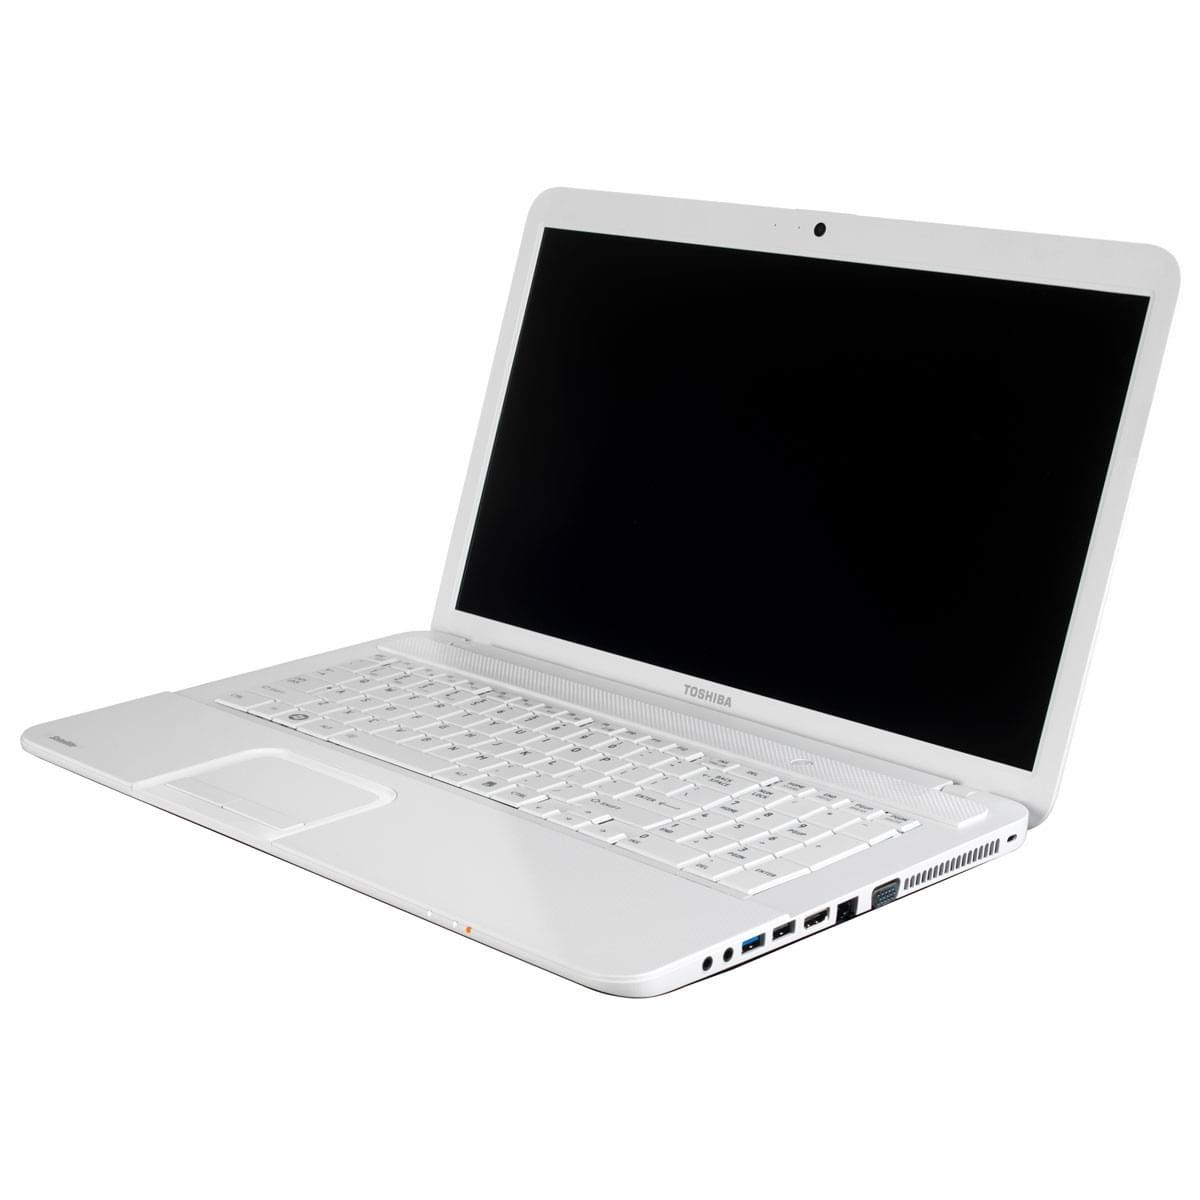 Toshiba C870-111 (PSC8EE-004006FR) - Achat / Vente PC Portable sur Cybertek.fr - 0